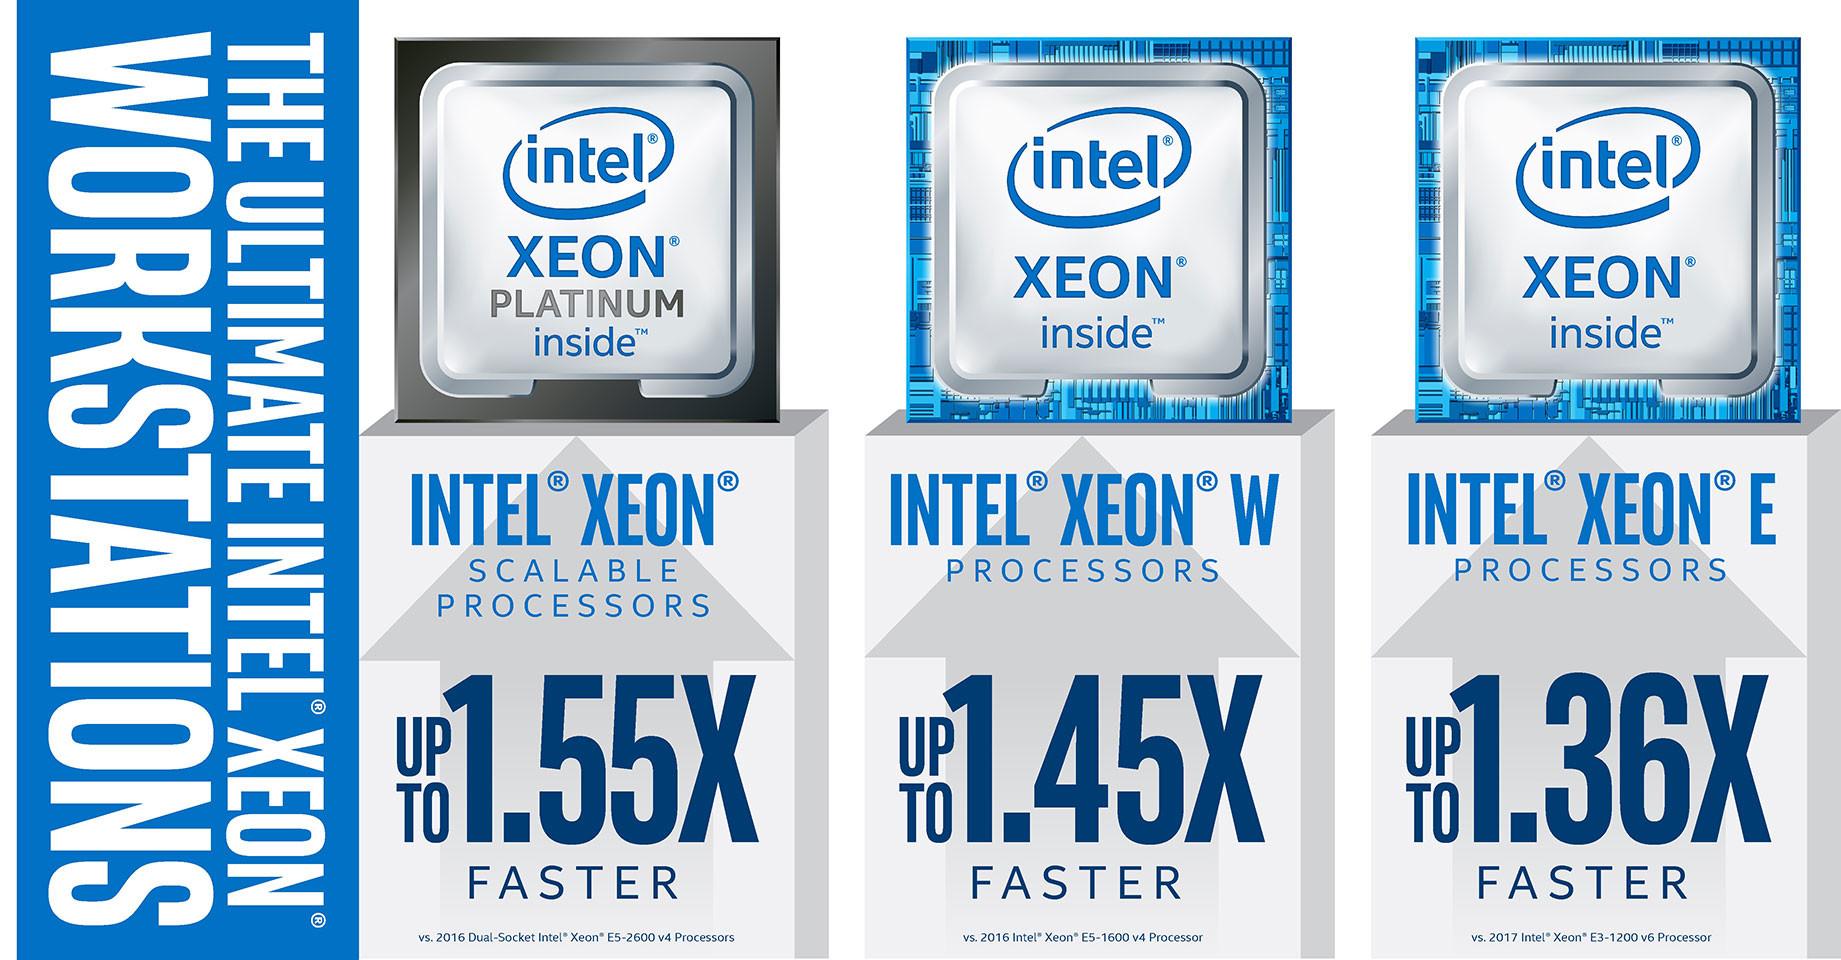 Intel Announces New Generation Xeon E Processor Family